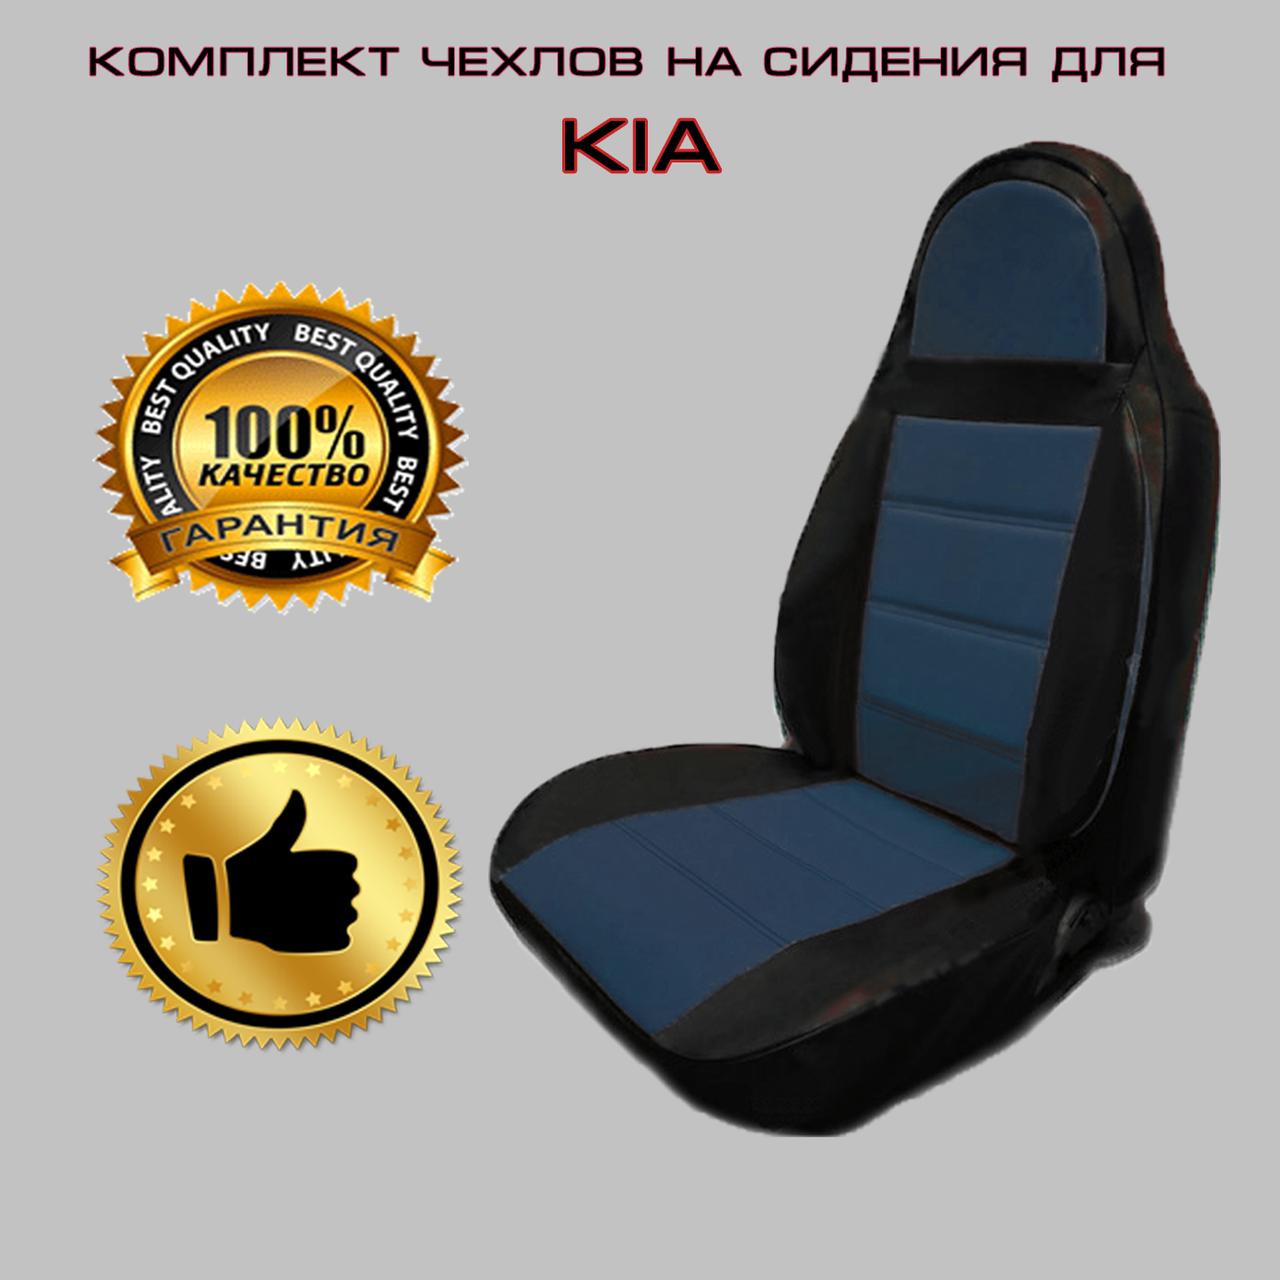 Комплект чехлов на сидения для Kia кожвинил (серый)